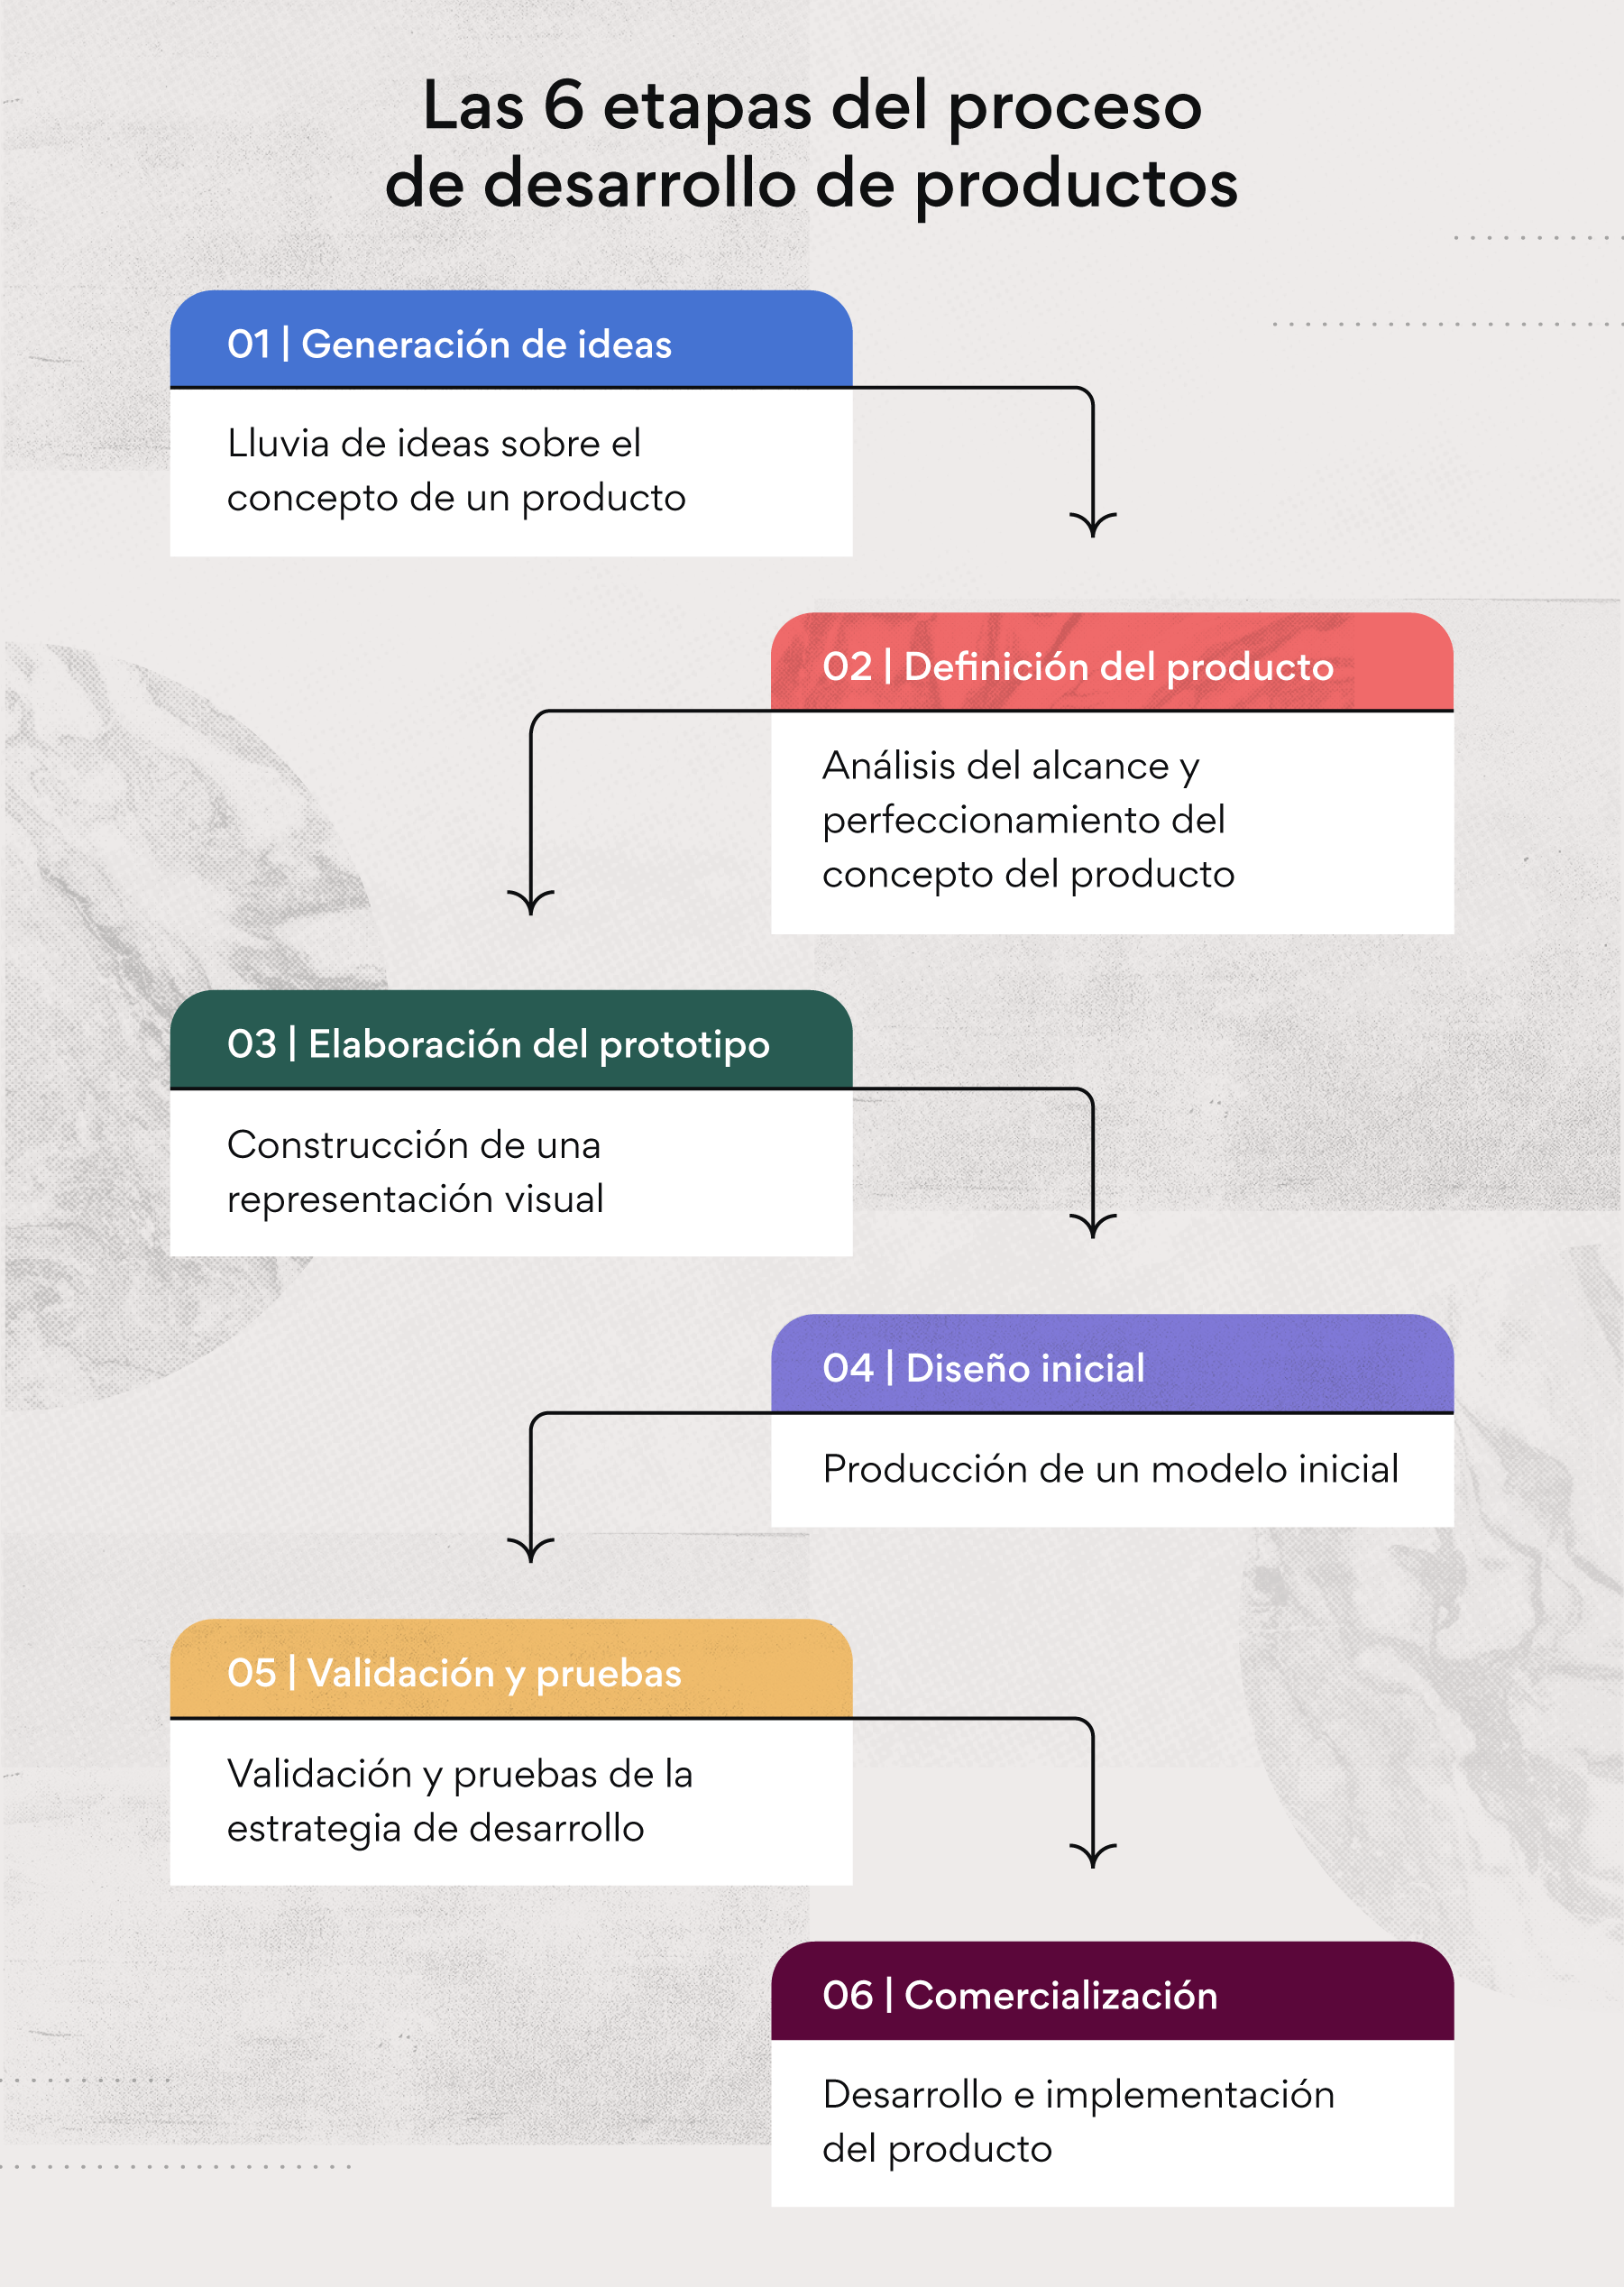 Las seis etapas del proceso de desarrollo de productos